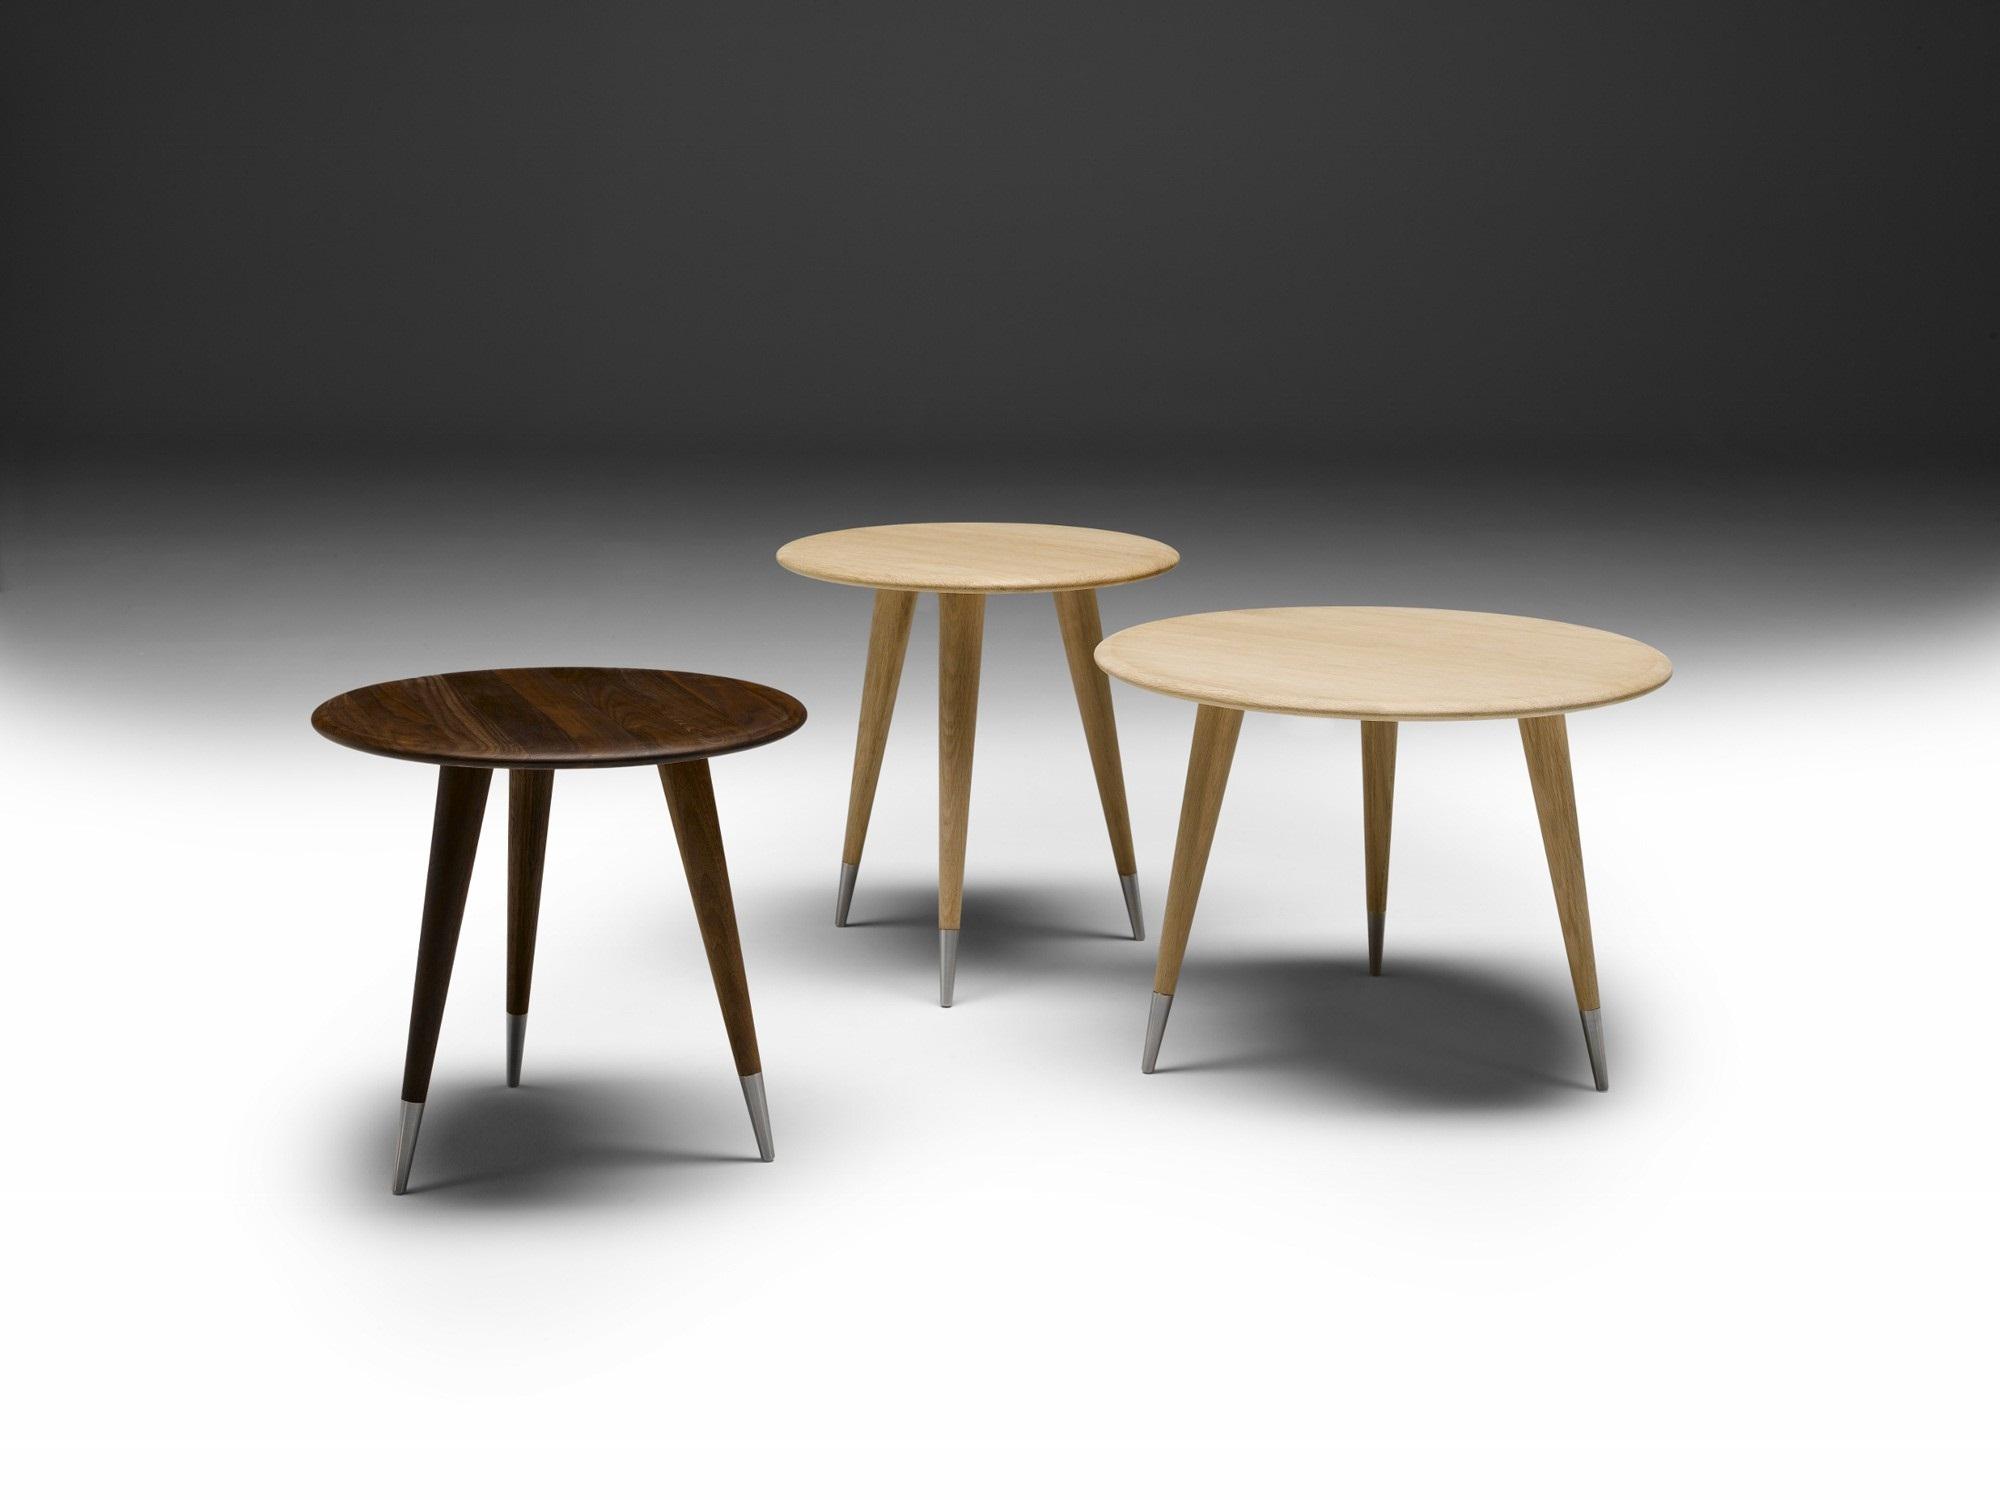 blog fenzy design mobilier et am nagements contemporains mobilier scandinave naver dk. Black Bedroom Furniture Sets. Home Design Ideas